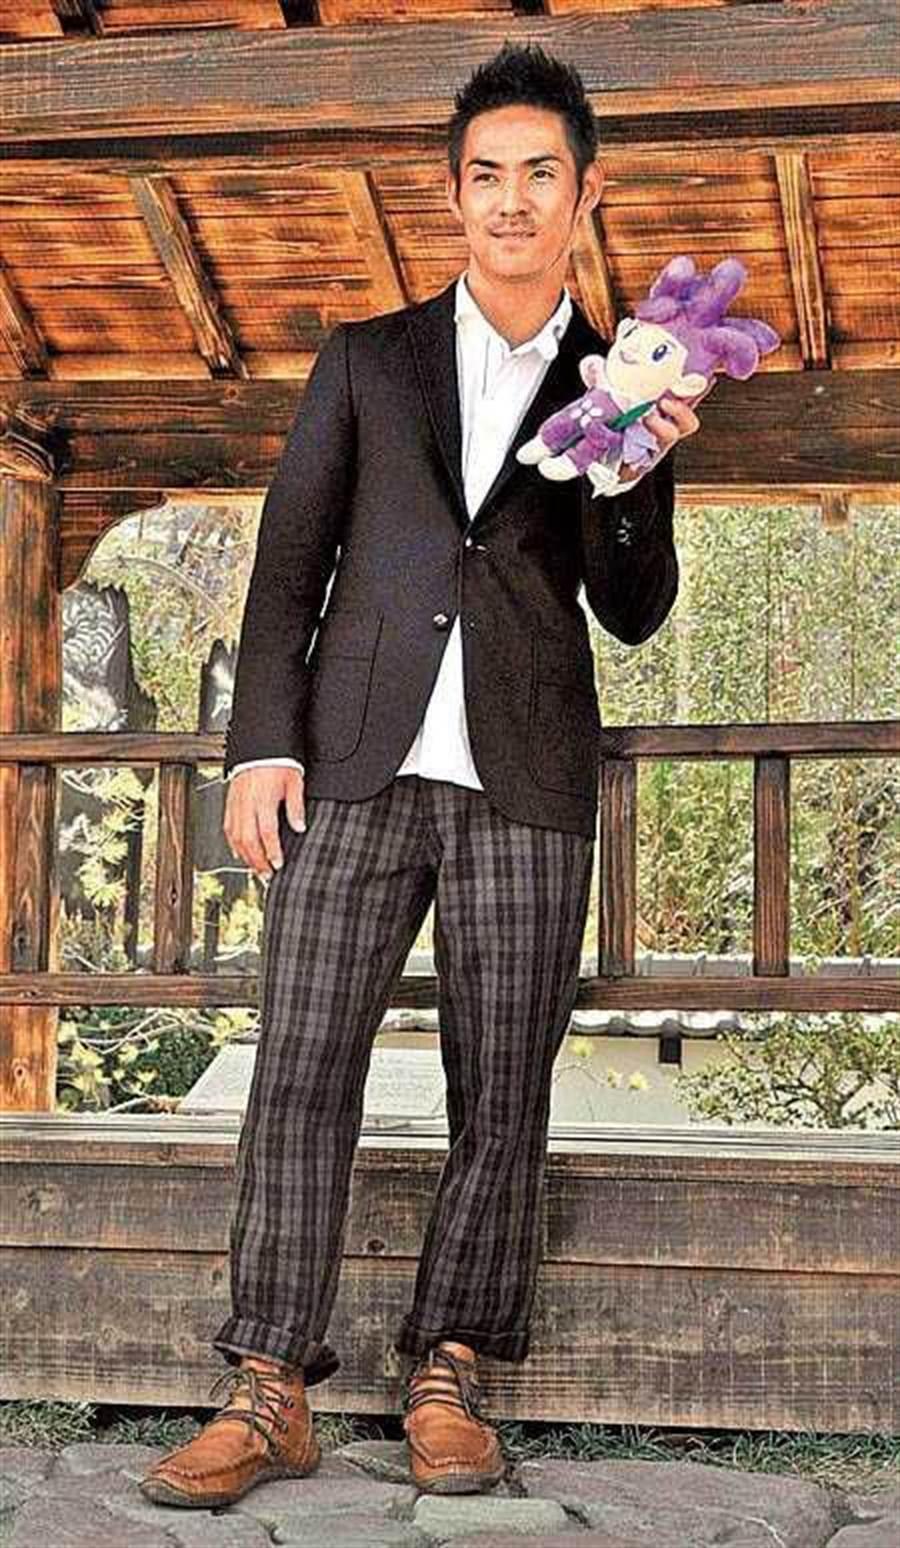 外傳《海角七號》音樂劇,將邀請AKIRA演出,中孝介在電影版中飾演的日籍教師一角。